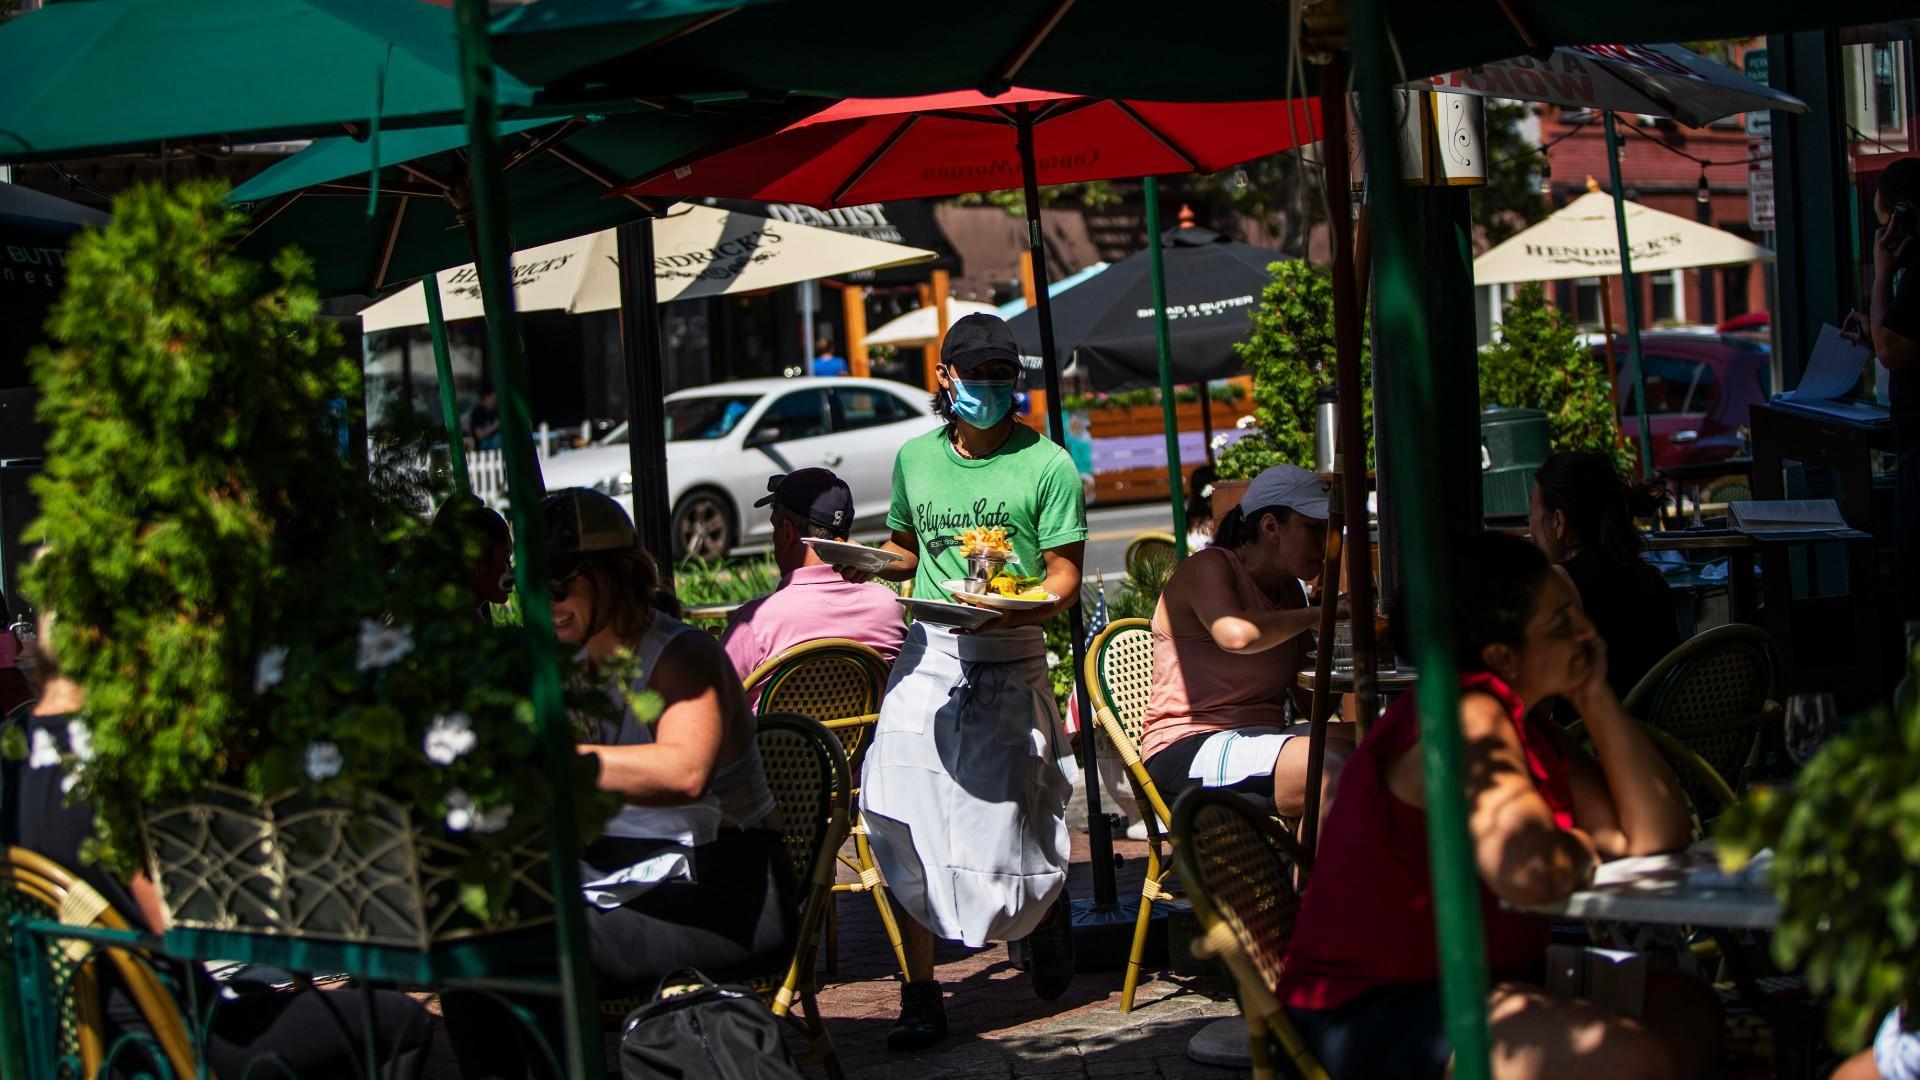 Un serveur portant un masque apporte de la nourriture à des tables devant un restaurant local pendant le déjeuner le vendredi 4 septembre 2020 à Hoboken, NJ (AP Photo / Eduardo Munoz Alvarez)